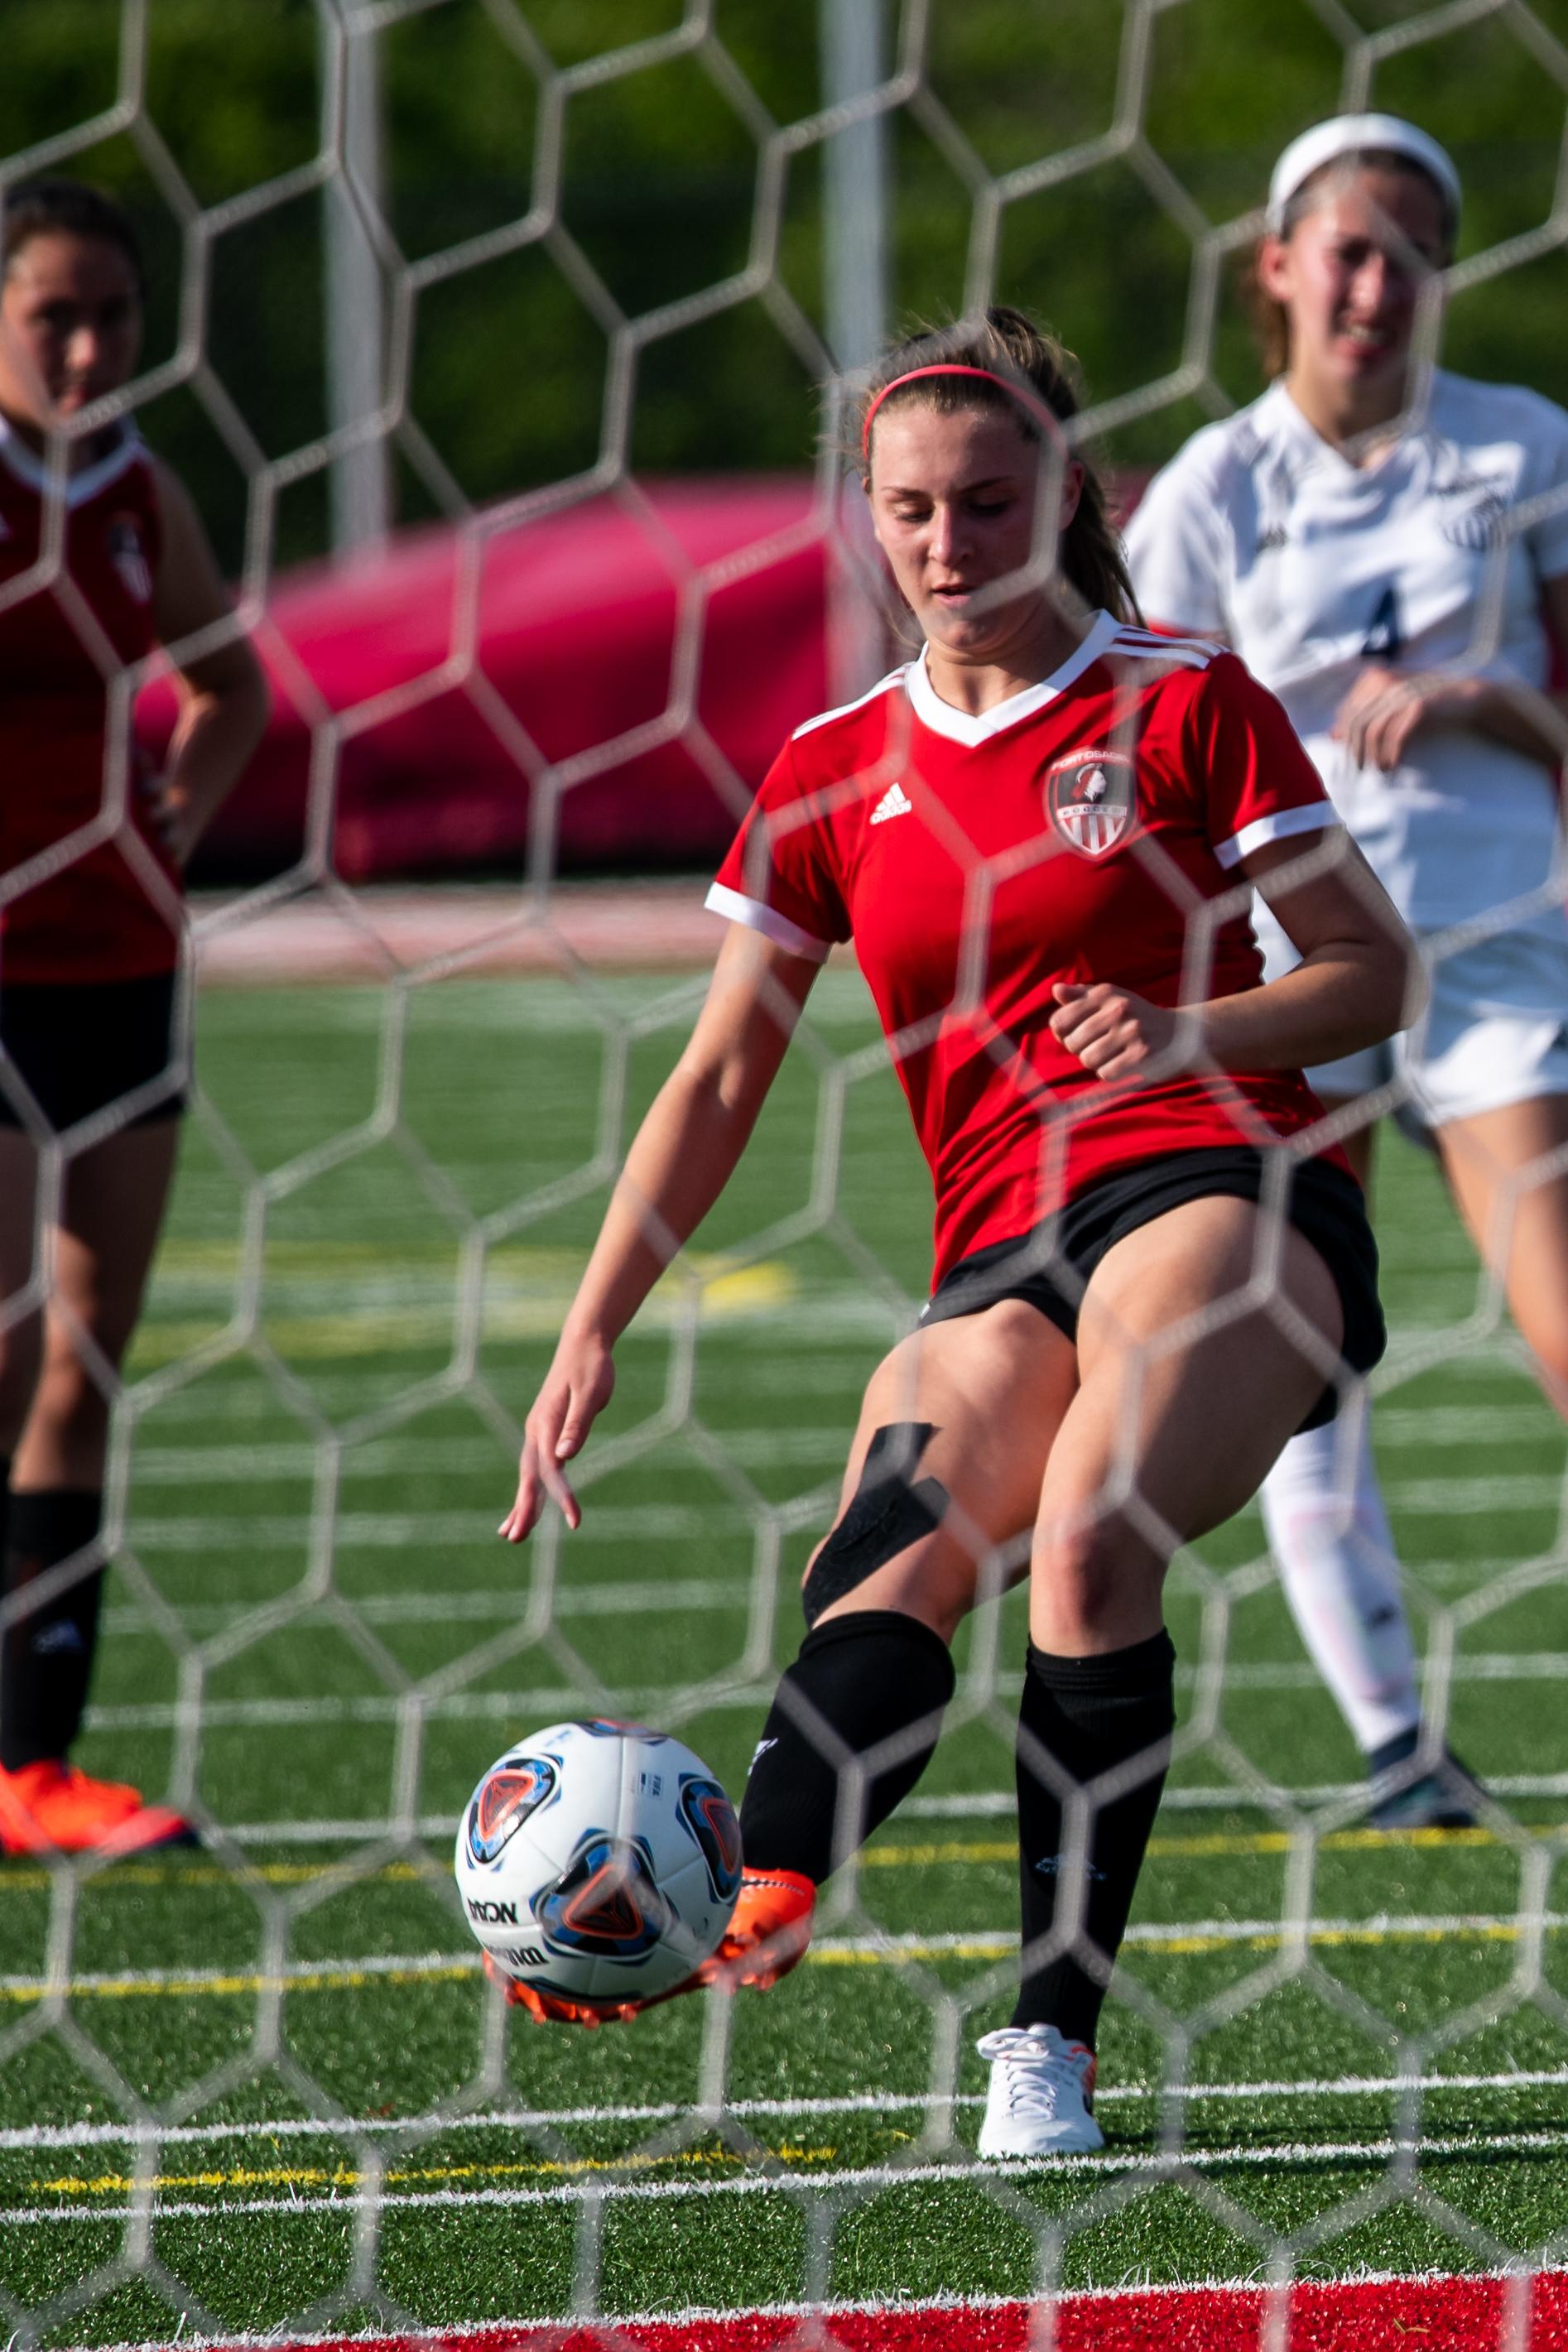 fort-osage-girls-soccer-vs-truman_33977537318_o.jpg